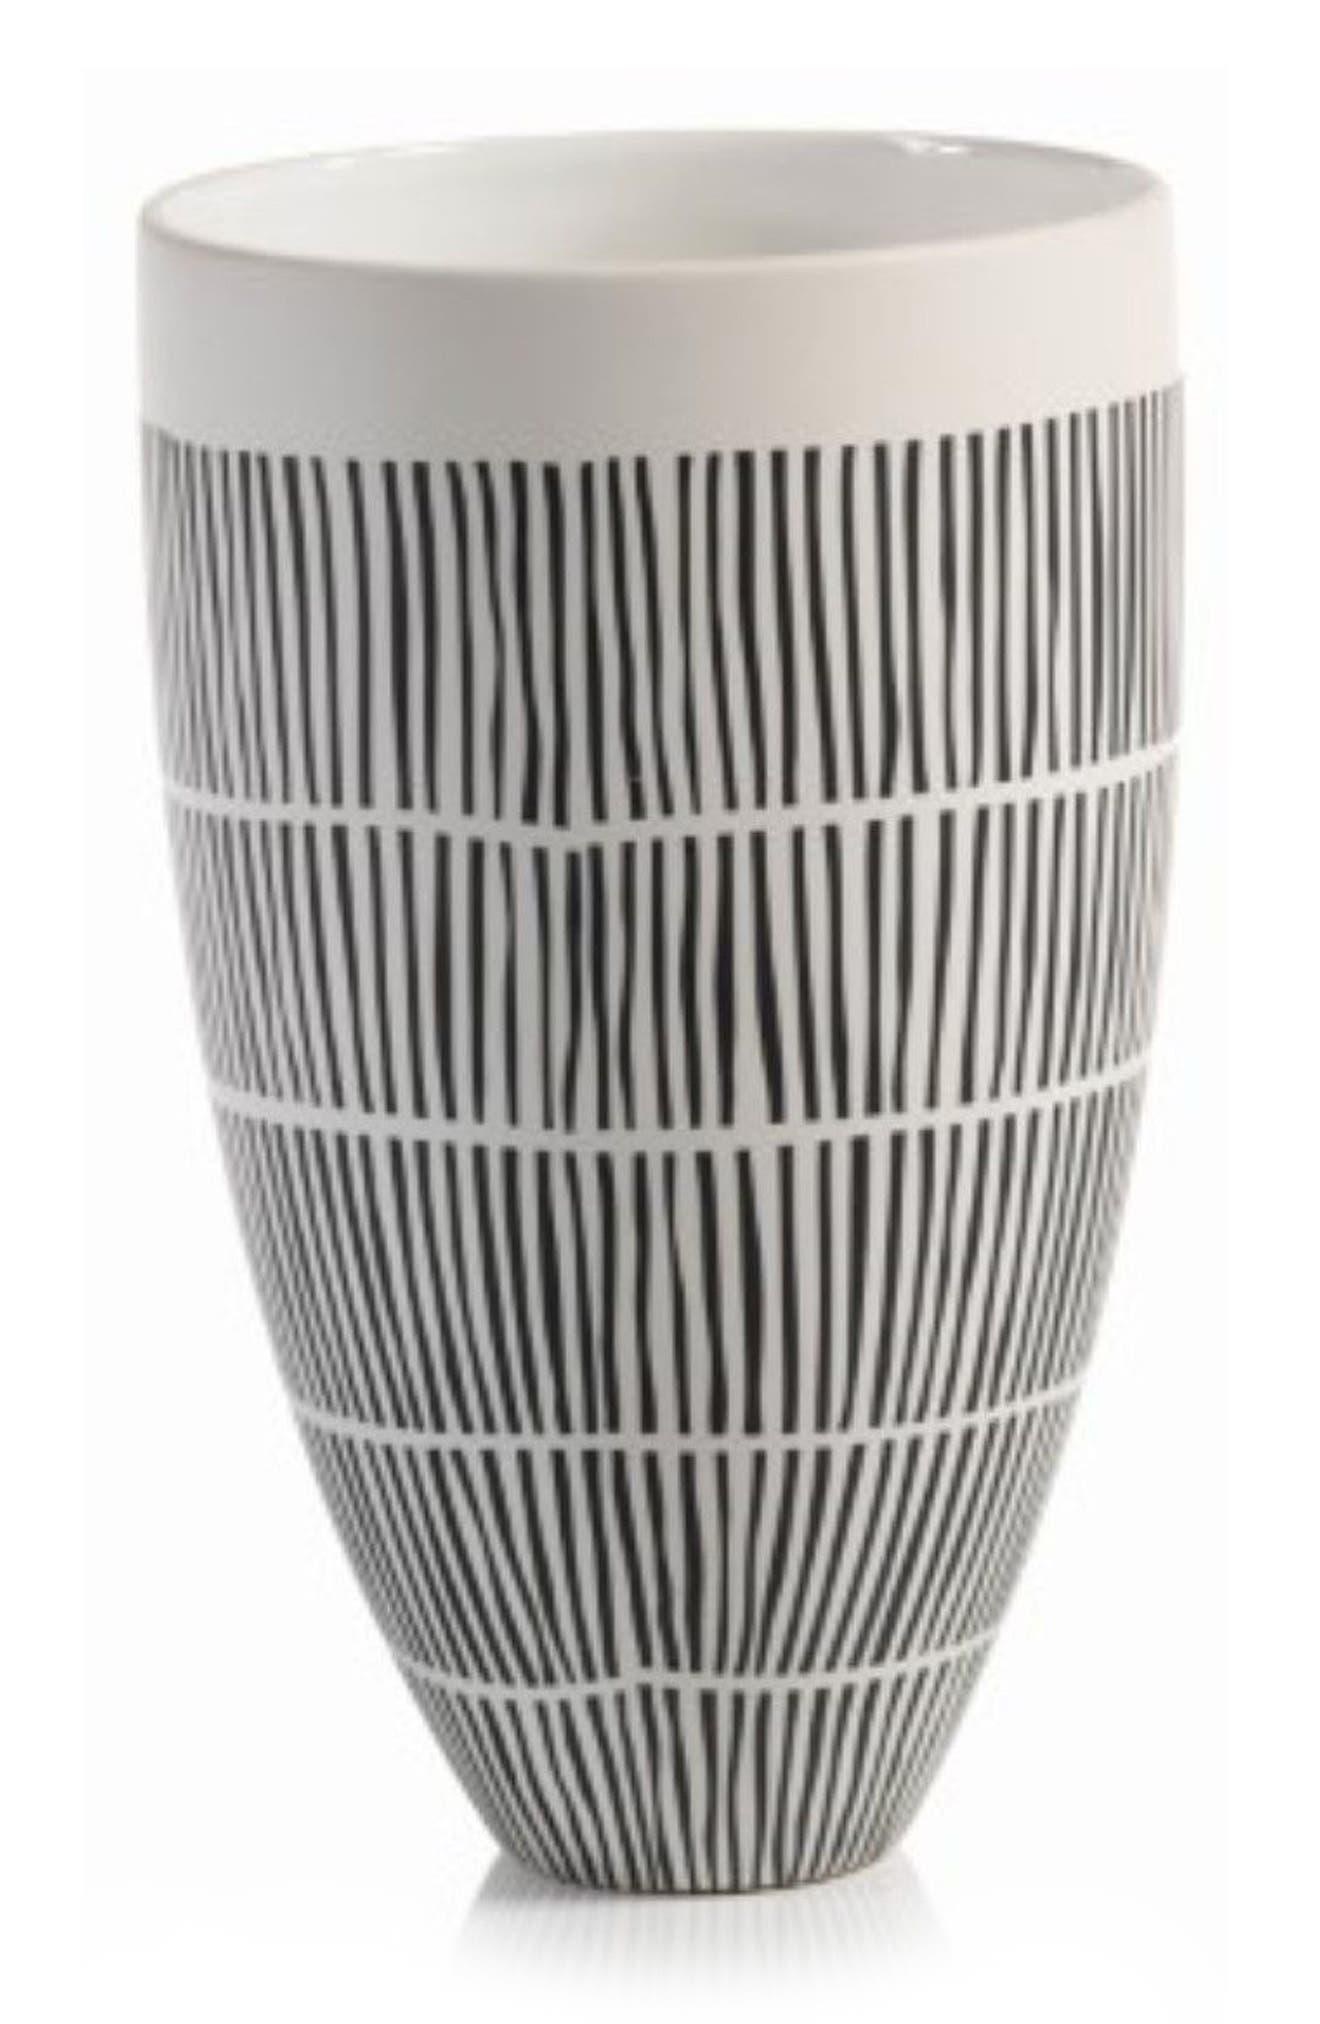 Marquesa Ceramic Vase,                         Main,                         color, White/ Black